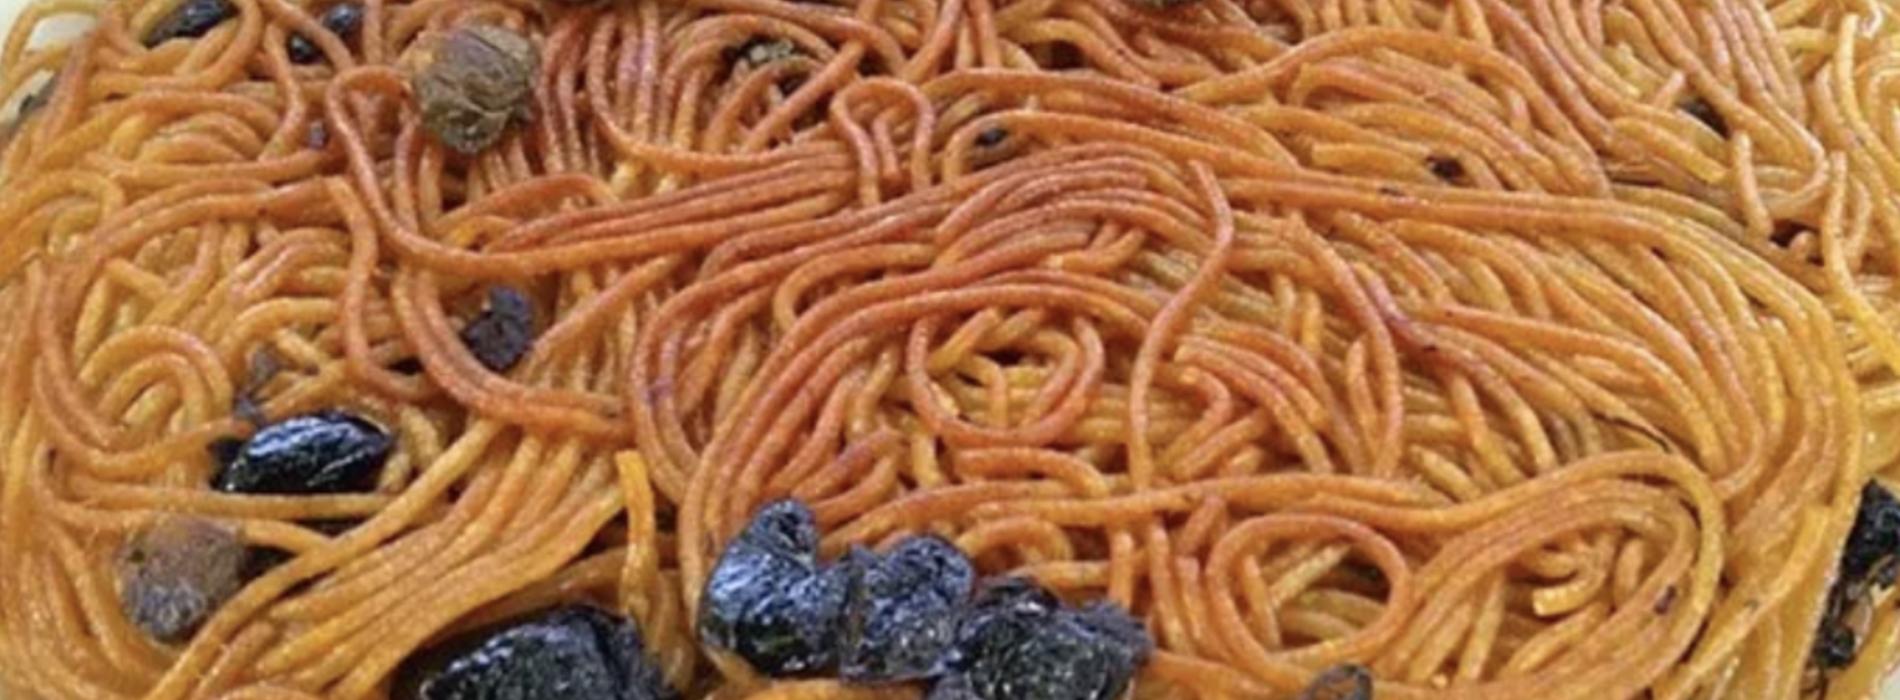 La frittata di scammaro, il piatto del mercoledì delle Ceneri